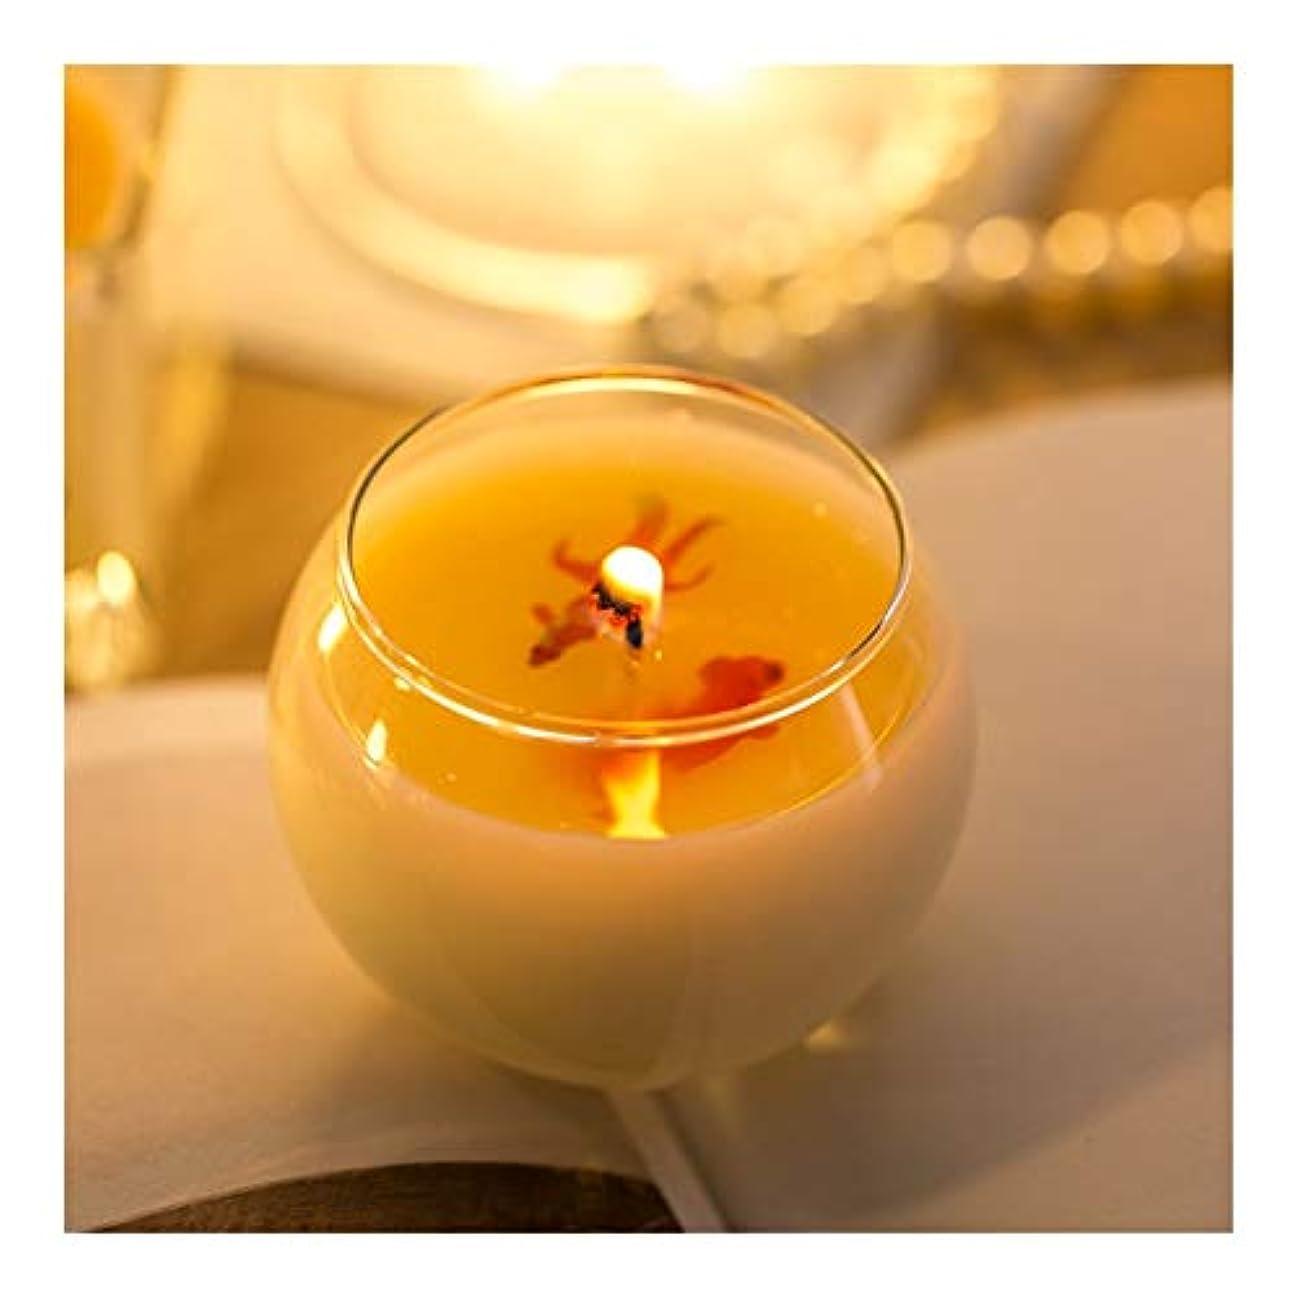 シャッターバンガロー名誉Guomao 小箱入りアロマゴールドフィッシュキャンドルロマンチックホリデーギフトピュアカラーゴールドフィッシュキャンドル (色 : Green tea)